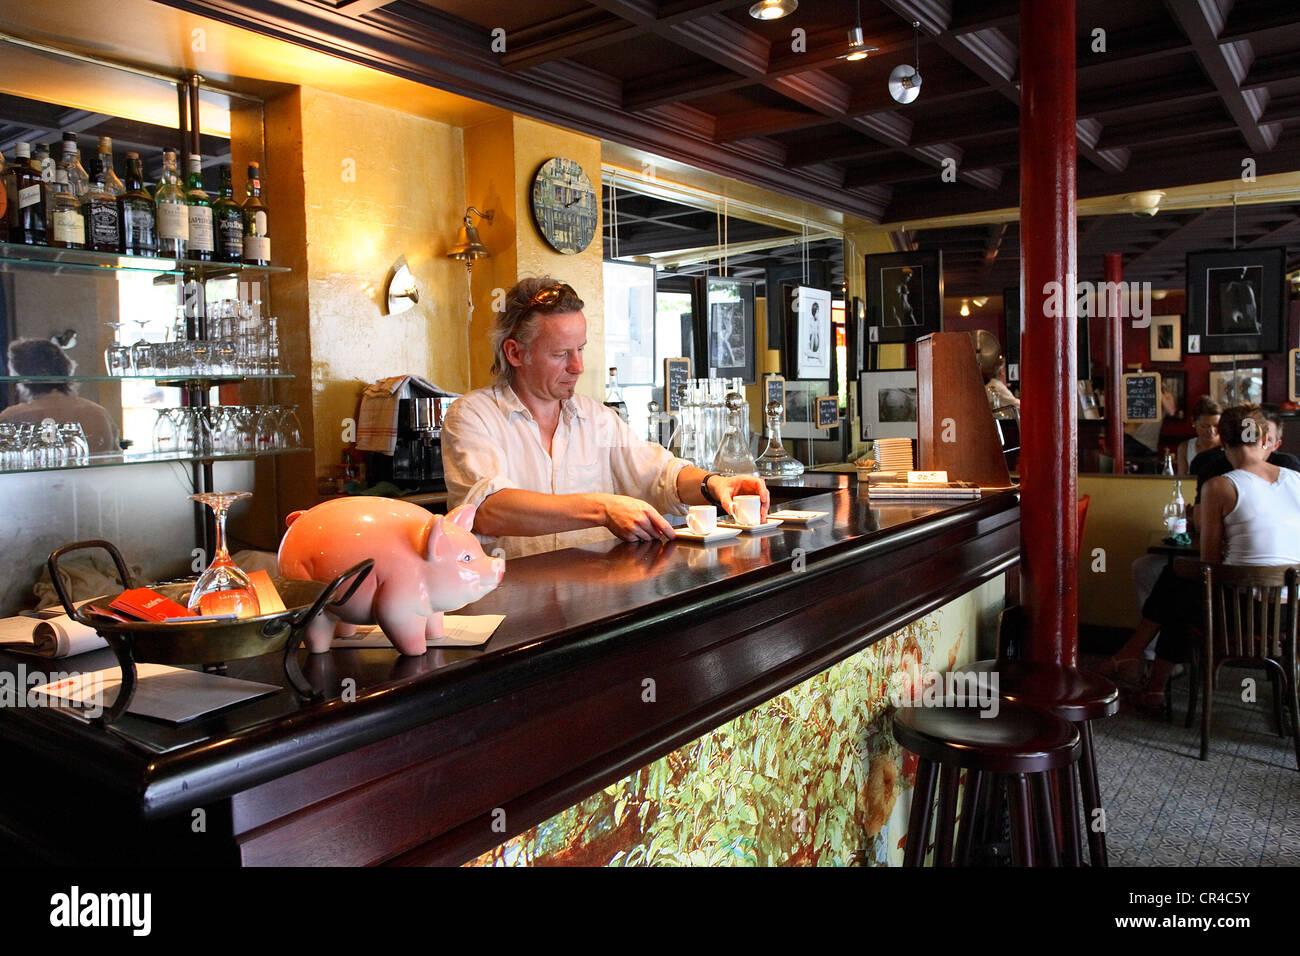 France paris la butte aux cailles district the tandem - Restaurant butte aux cailles ...